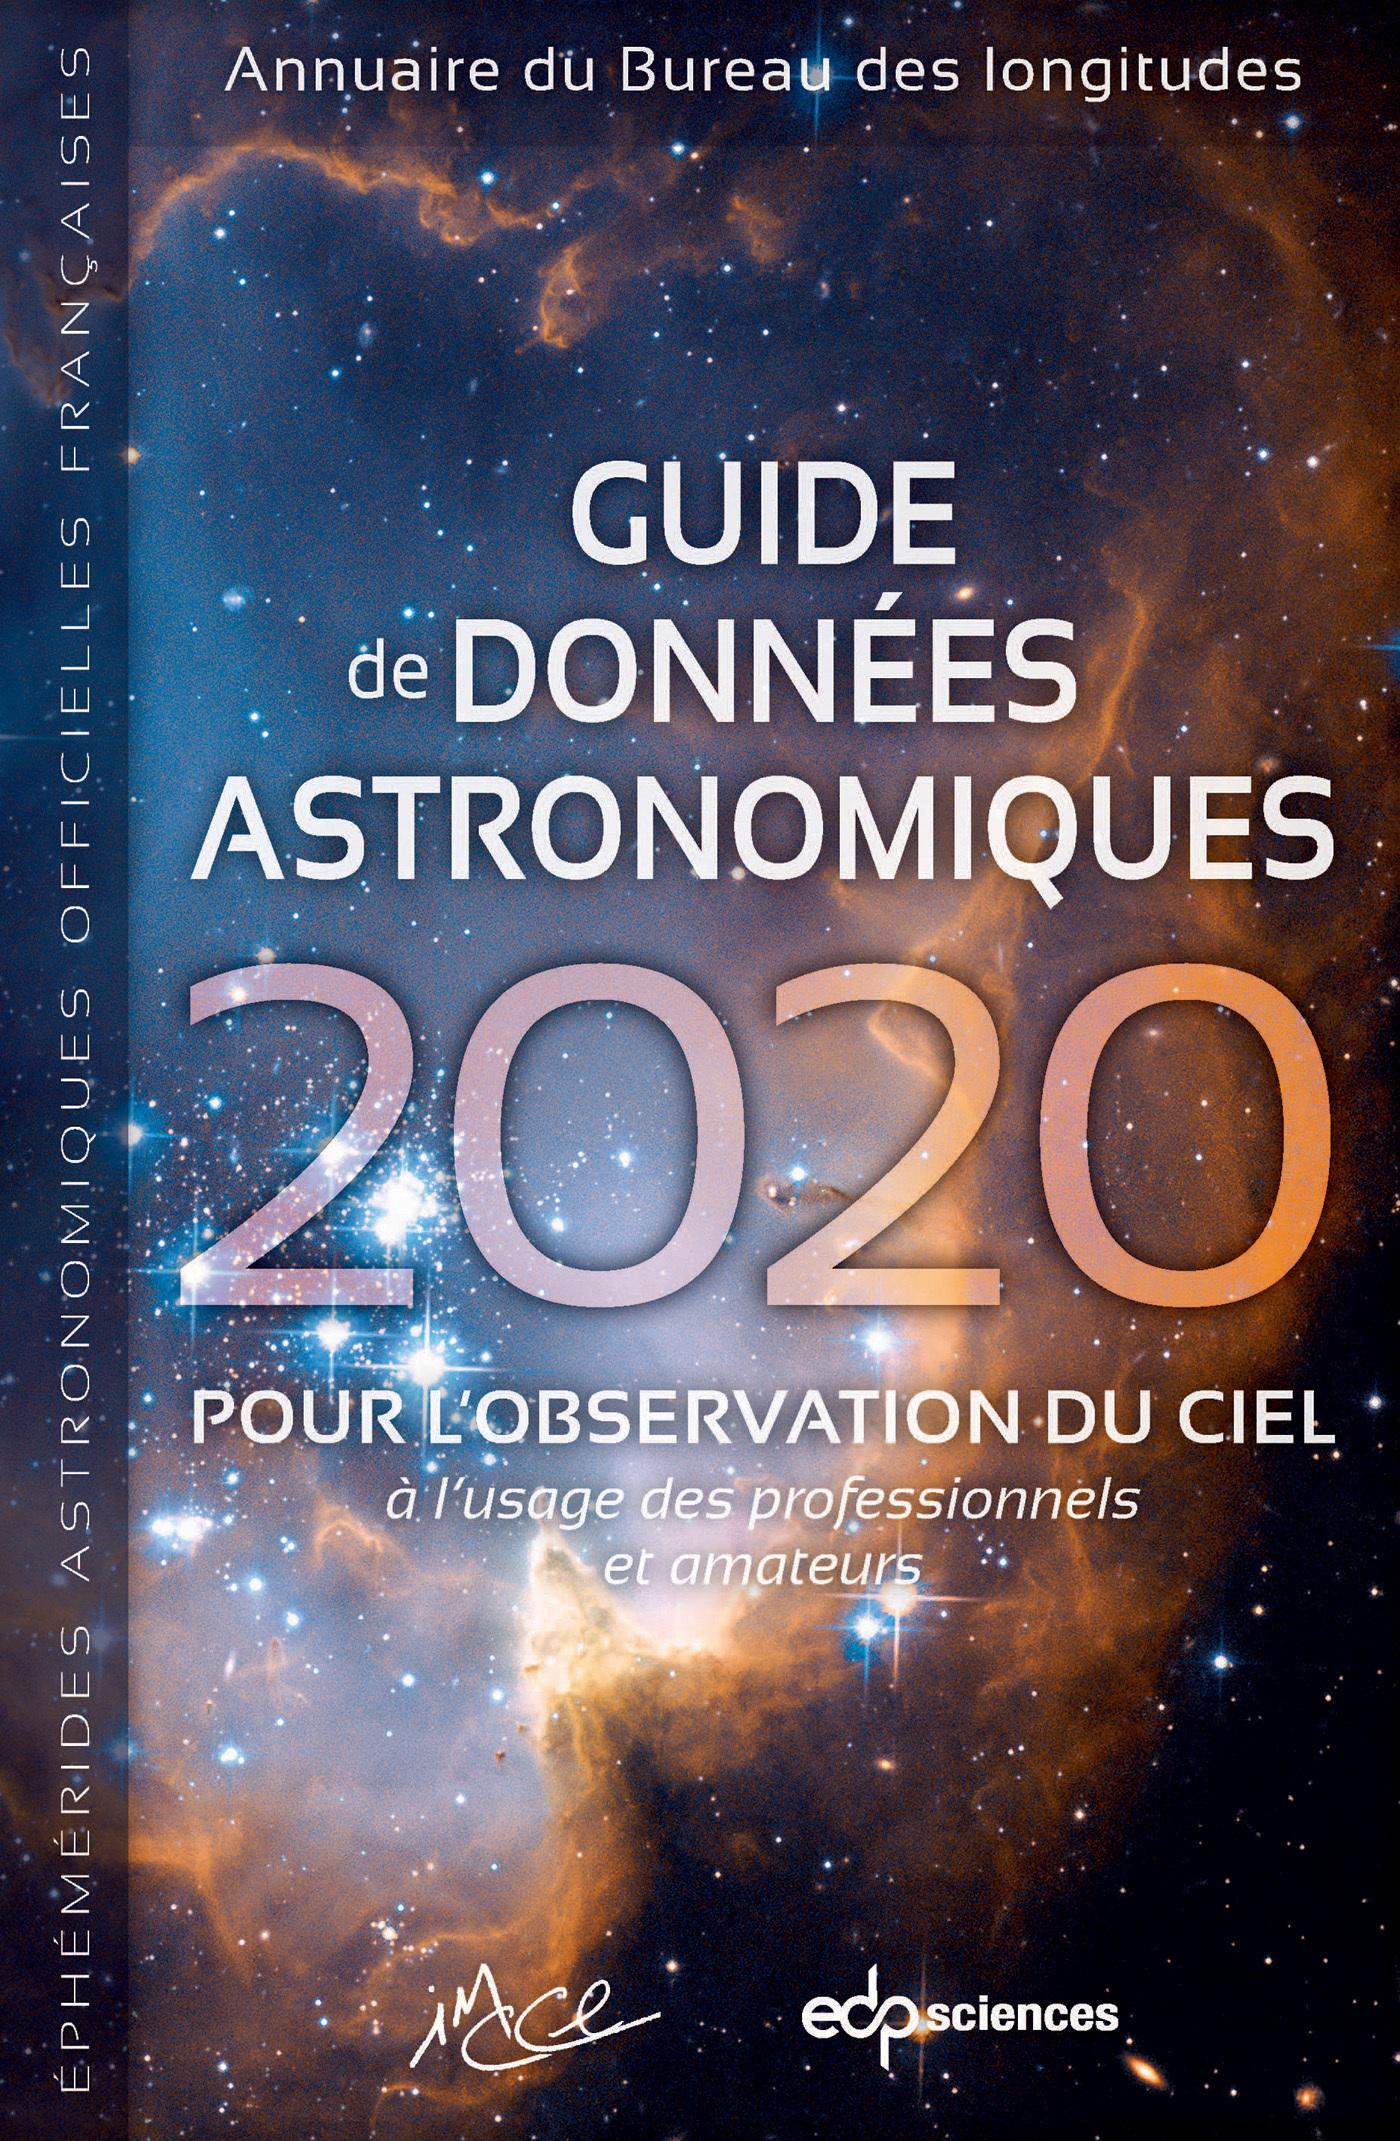 GUIDE DE DONNEES ASTRONOMIQUES 2020 - POUR L'OBSERVATION DU CIEL